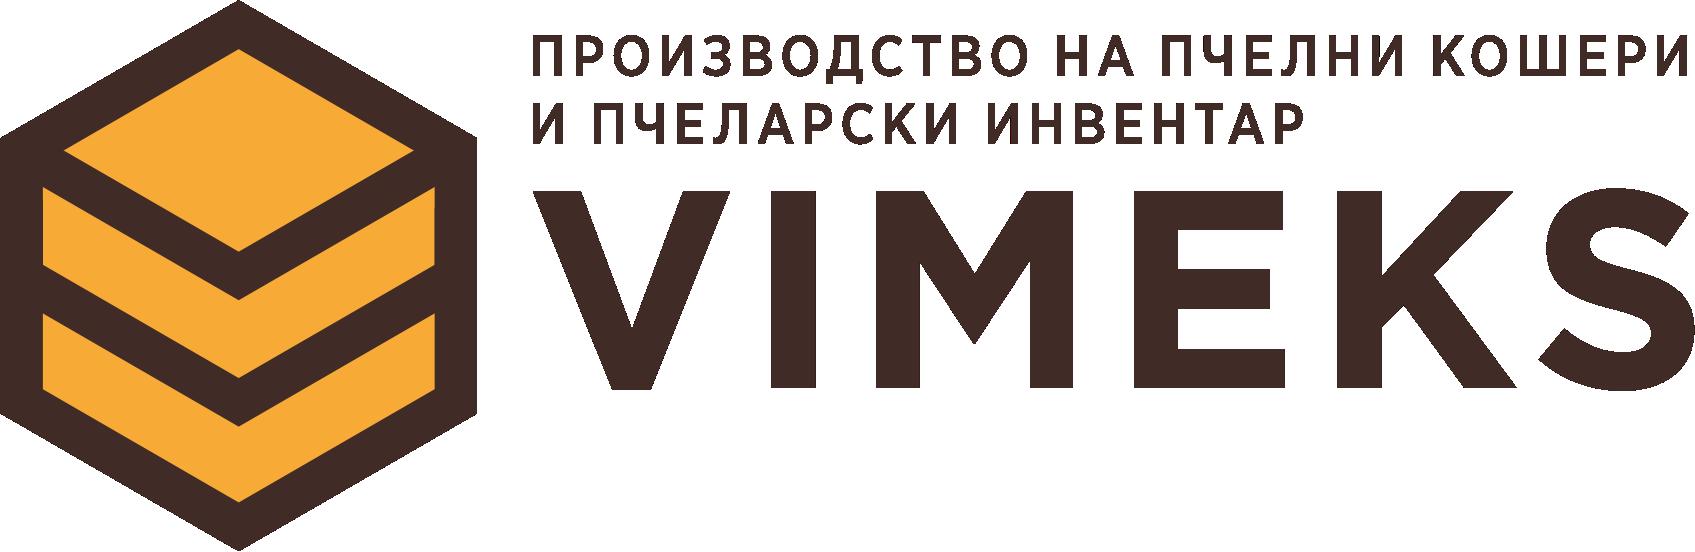 Вимекс - М